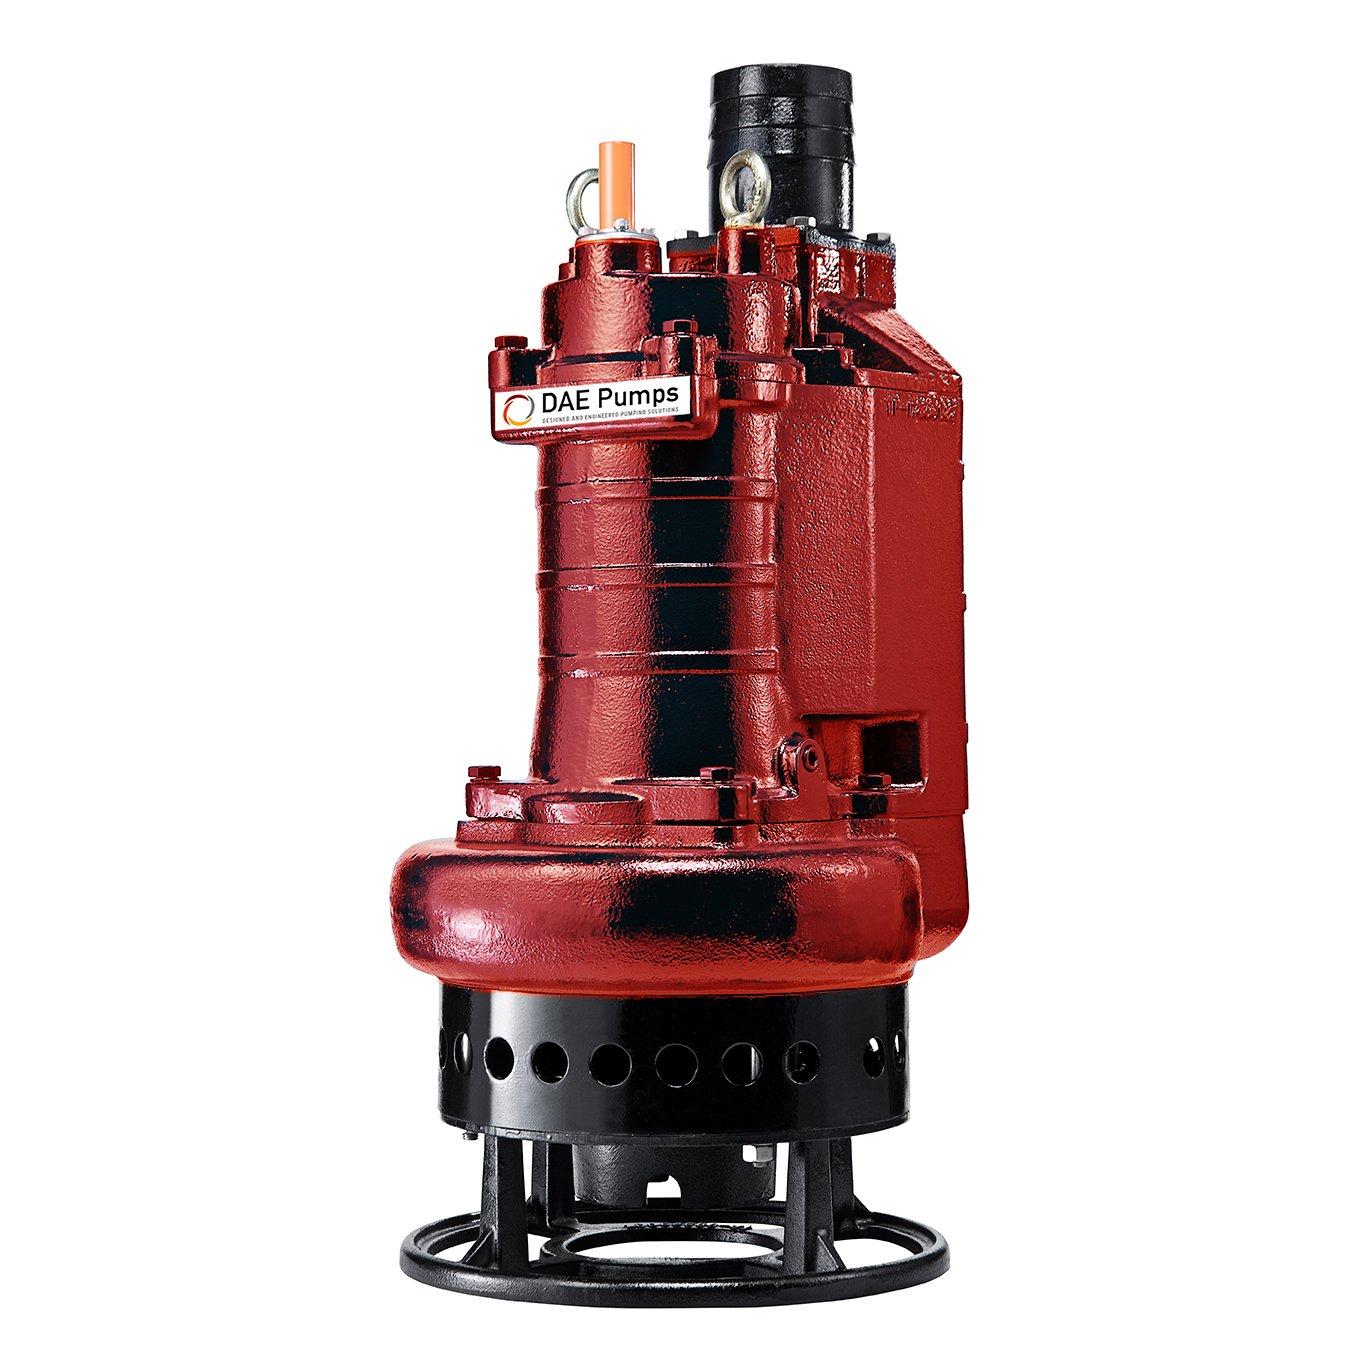 DAE Pumps 3550-P Submersible Slurry Pump